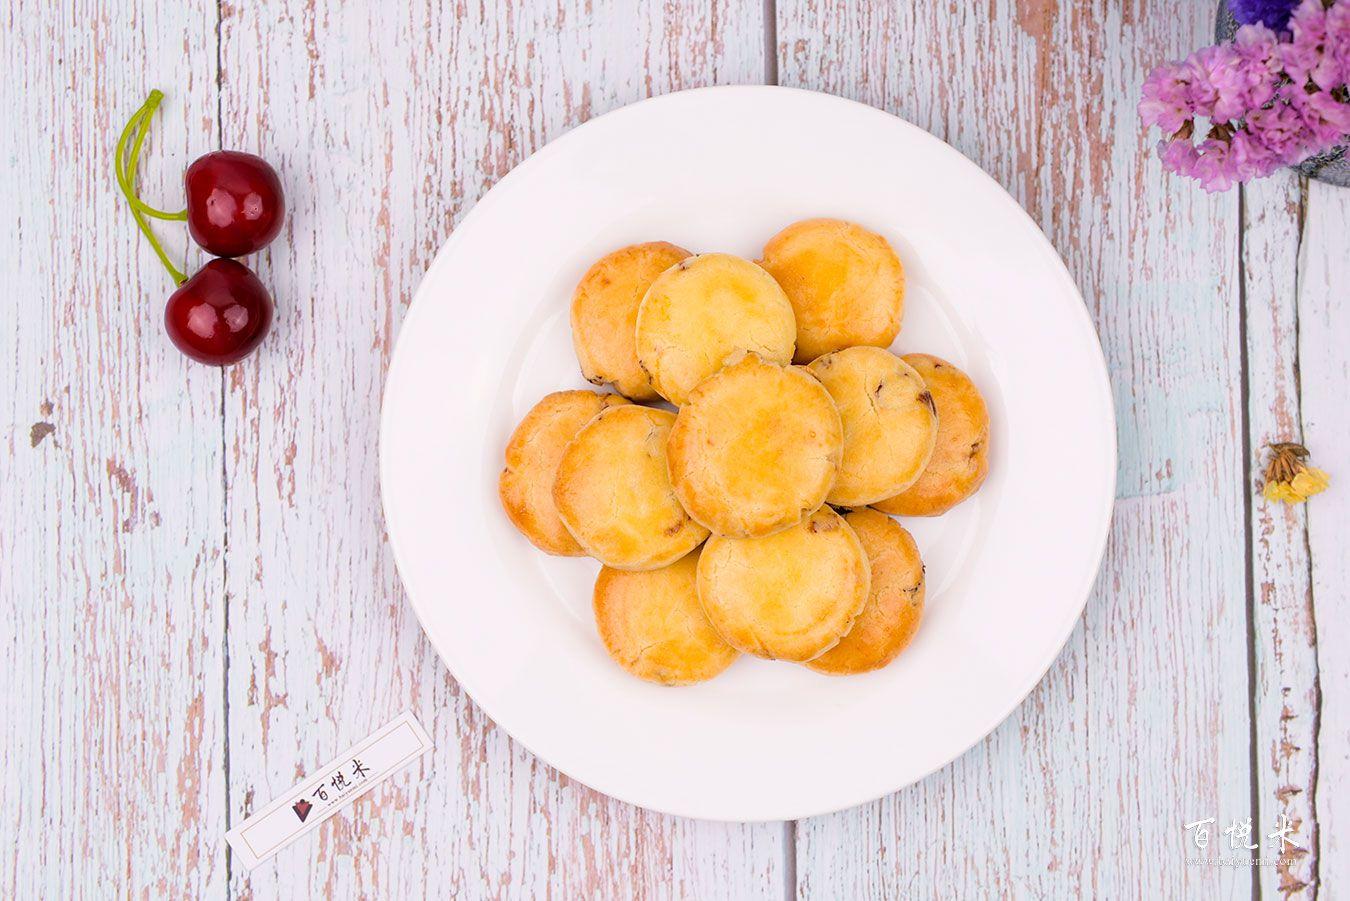 提子松饼饼干高清图片大全【蛋糕图片】_647